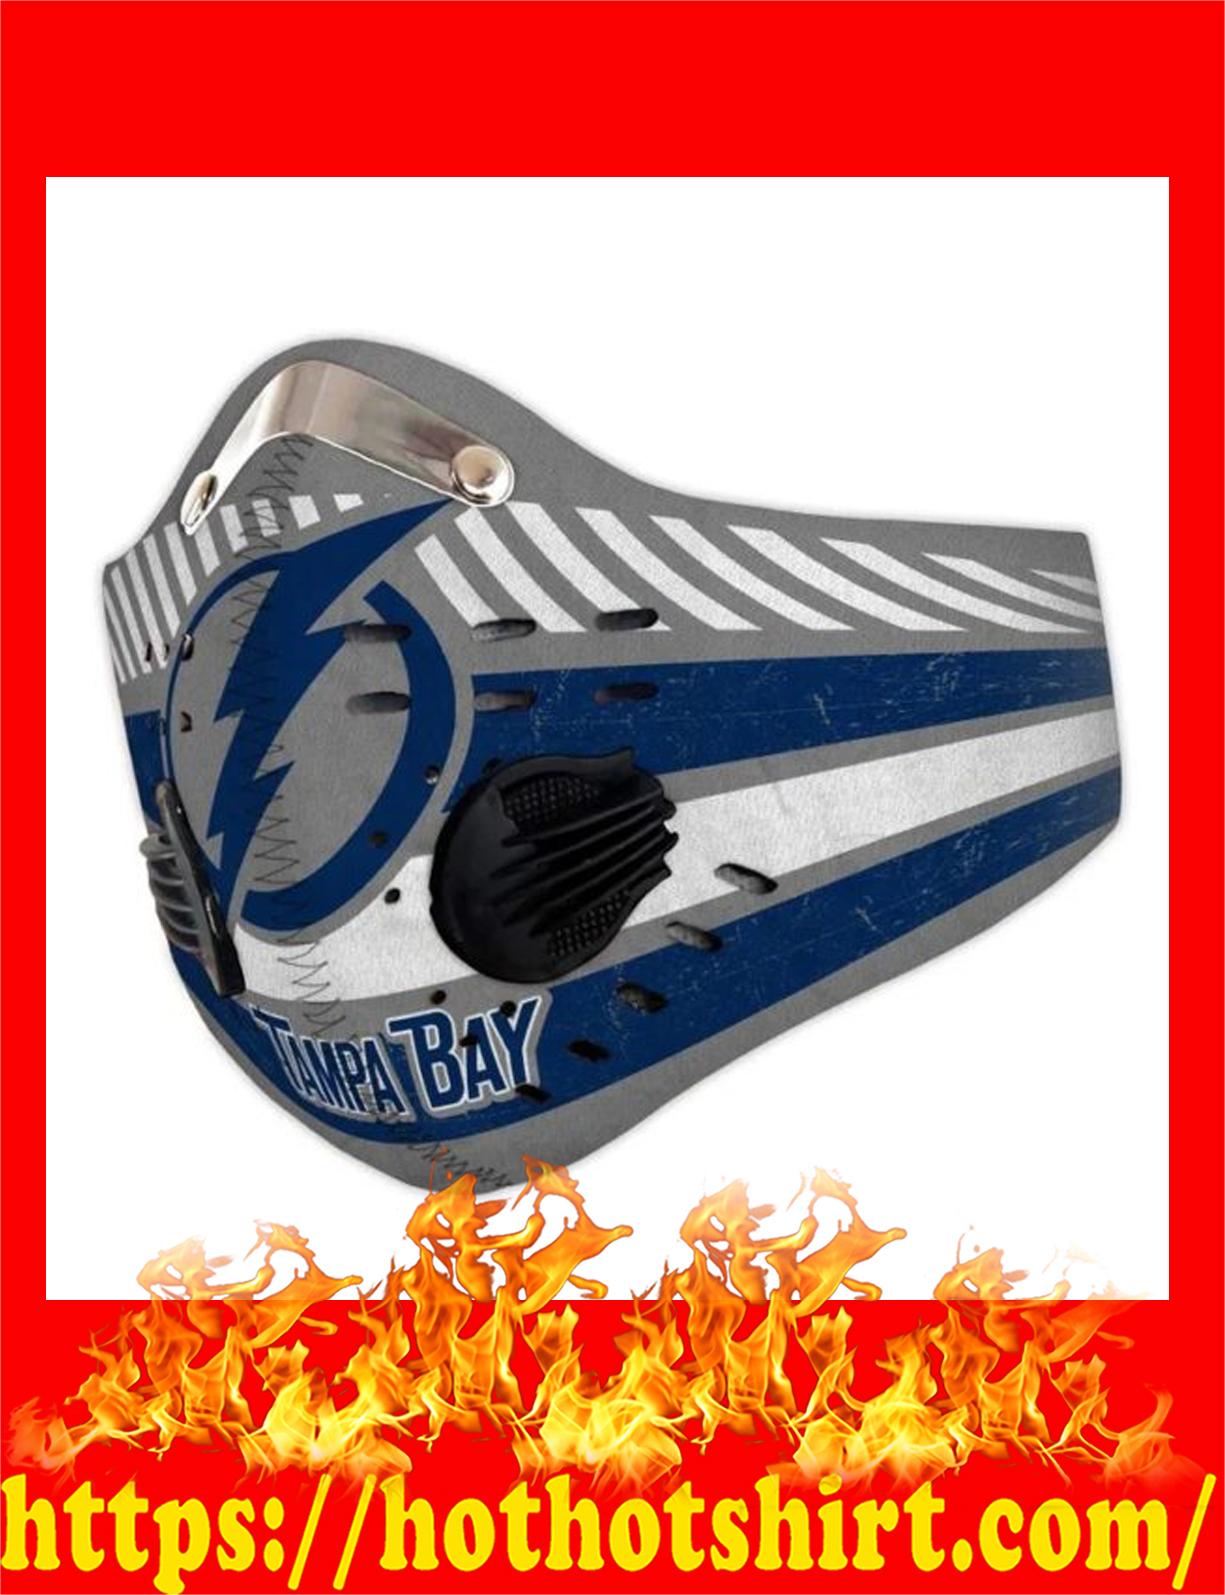 Tampa bay filter face mask - detail